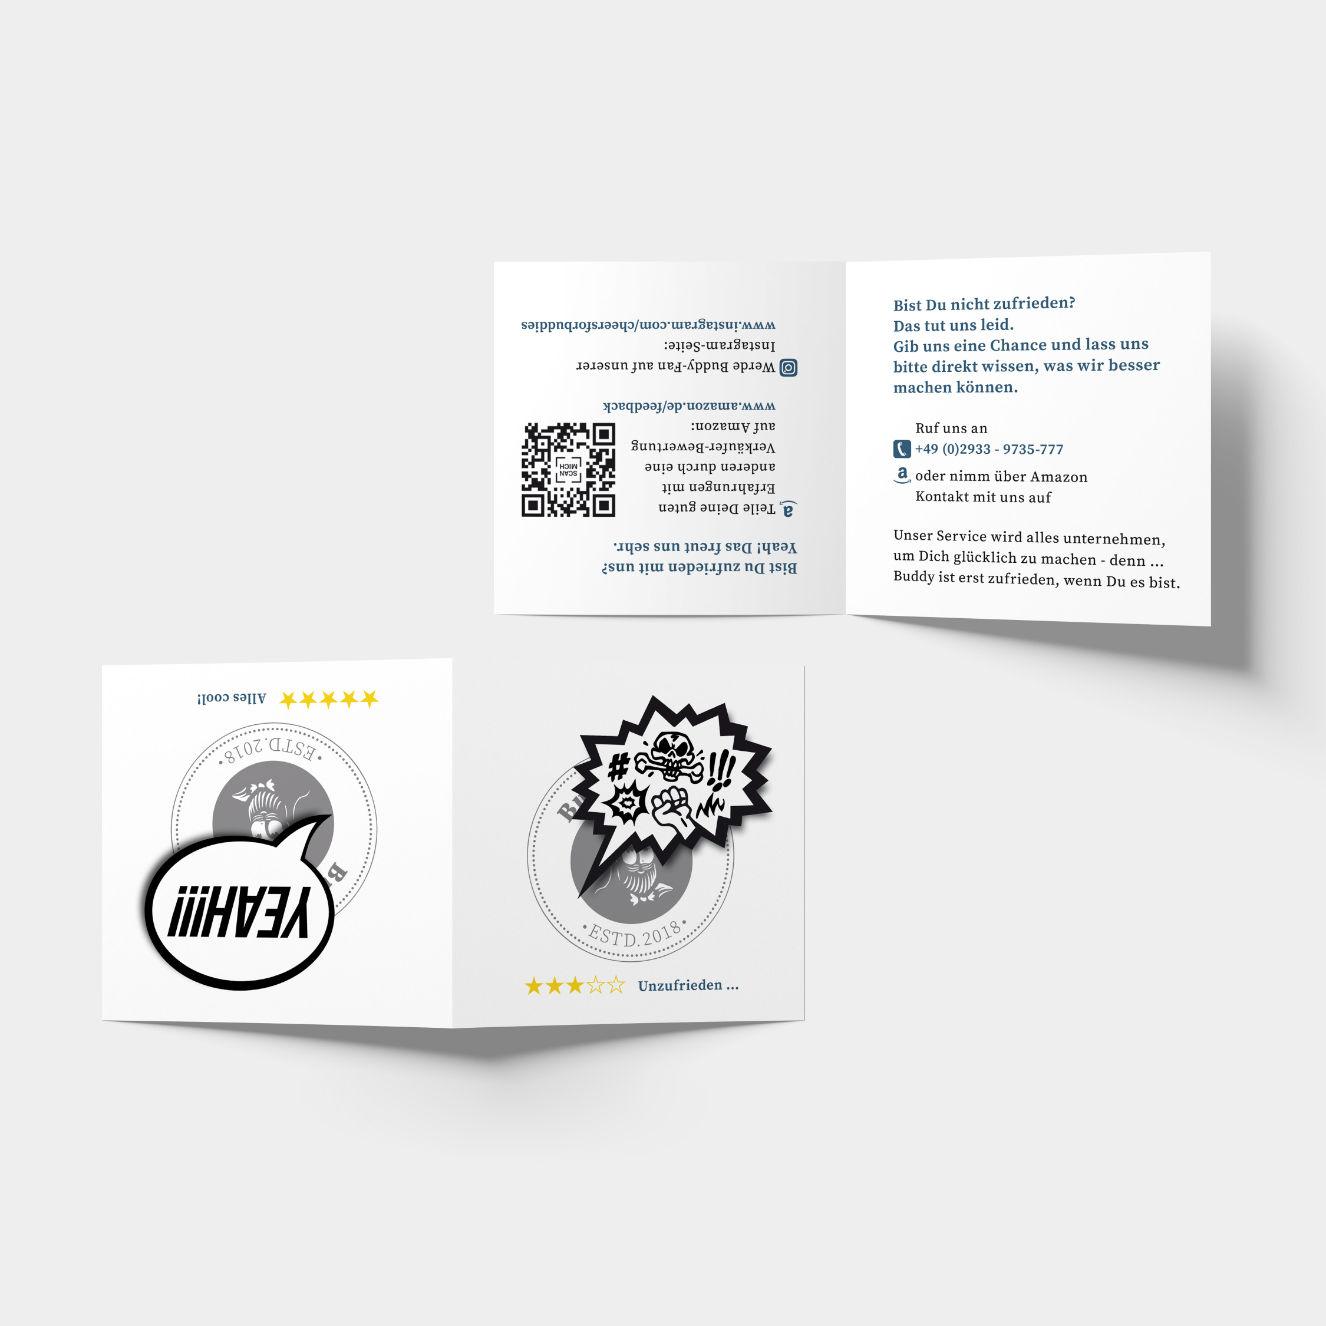 1313 multimedial · Grafikdesign. Amazon Feedback-Karte. Suchen Sie eine Werbeagentur bzw. eine Full-Service-Agentur? Erfahren Sie mehr auf 1313 multimedia. Grafikdesign . Webdesign . Corporate Design . Logo-Design . Print Design in Arnsberg - Neheim-Hüsten im Sauerland.